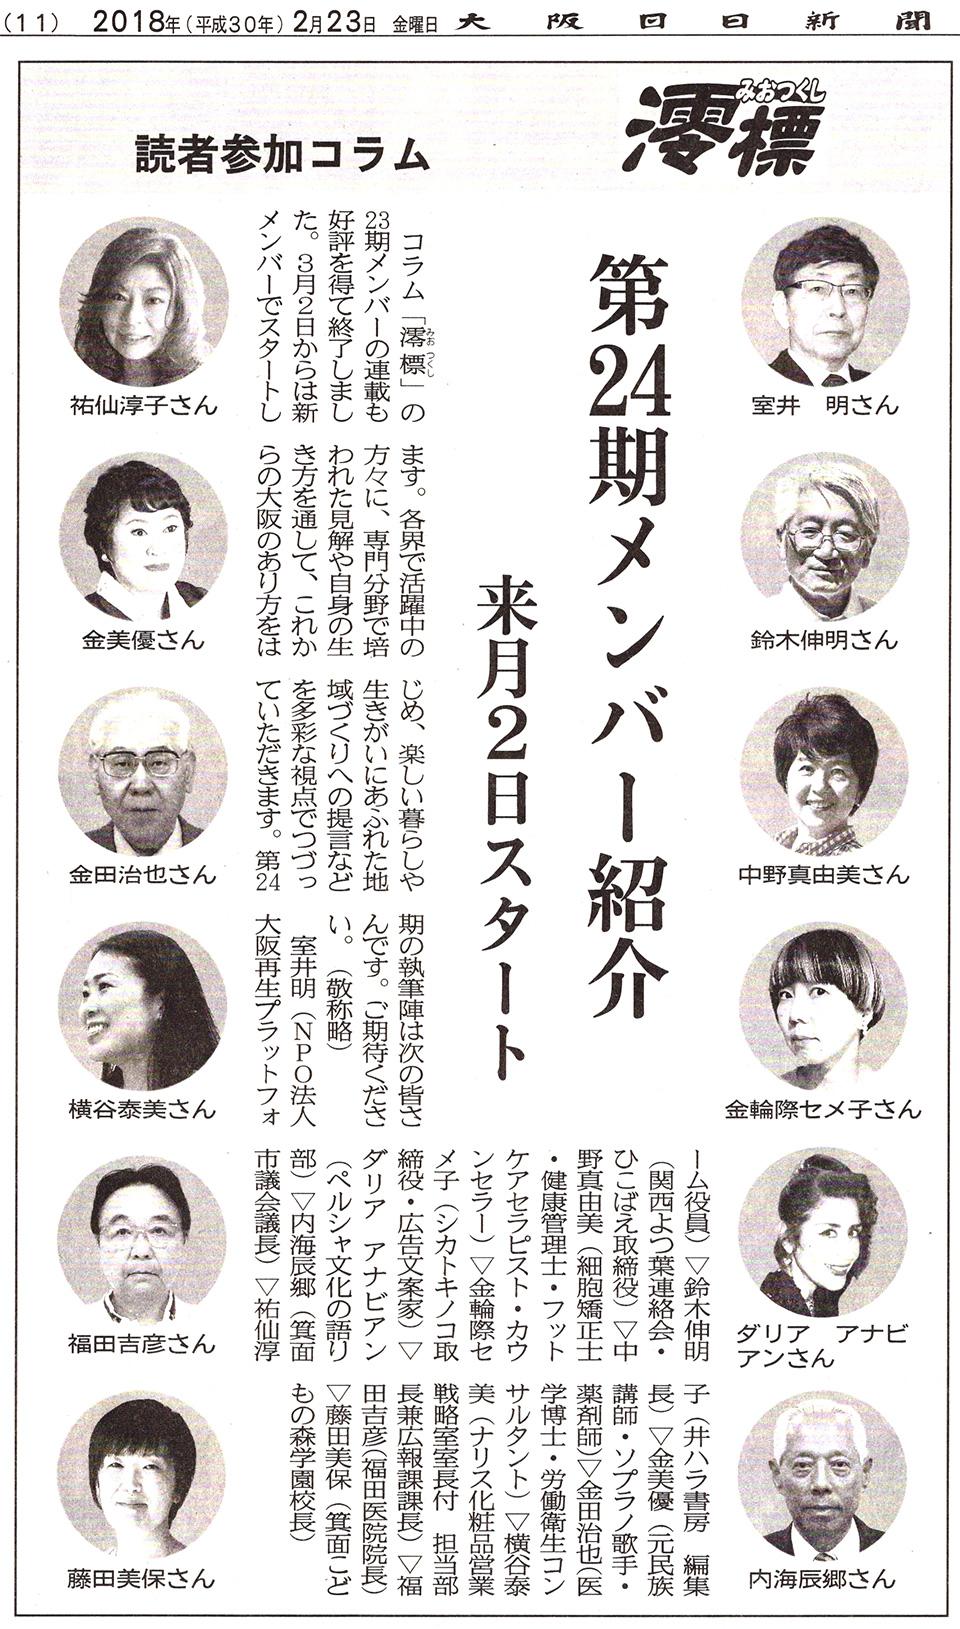 大阪日日新聞「澪標」コラム|金輪際セメ子がメンバーに決定